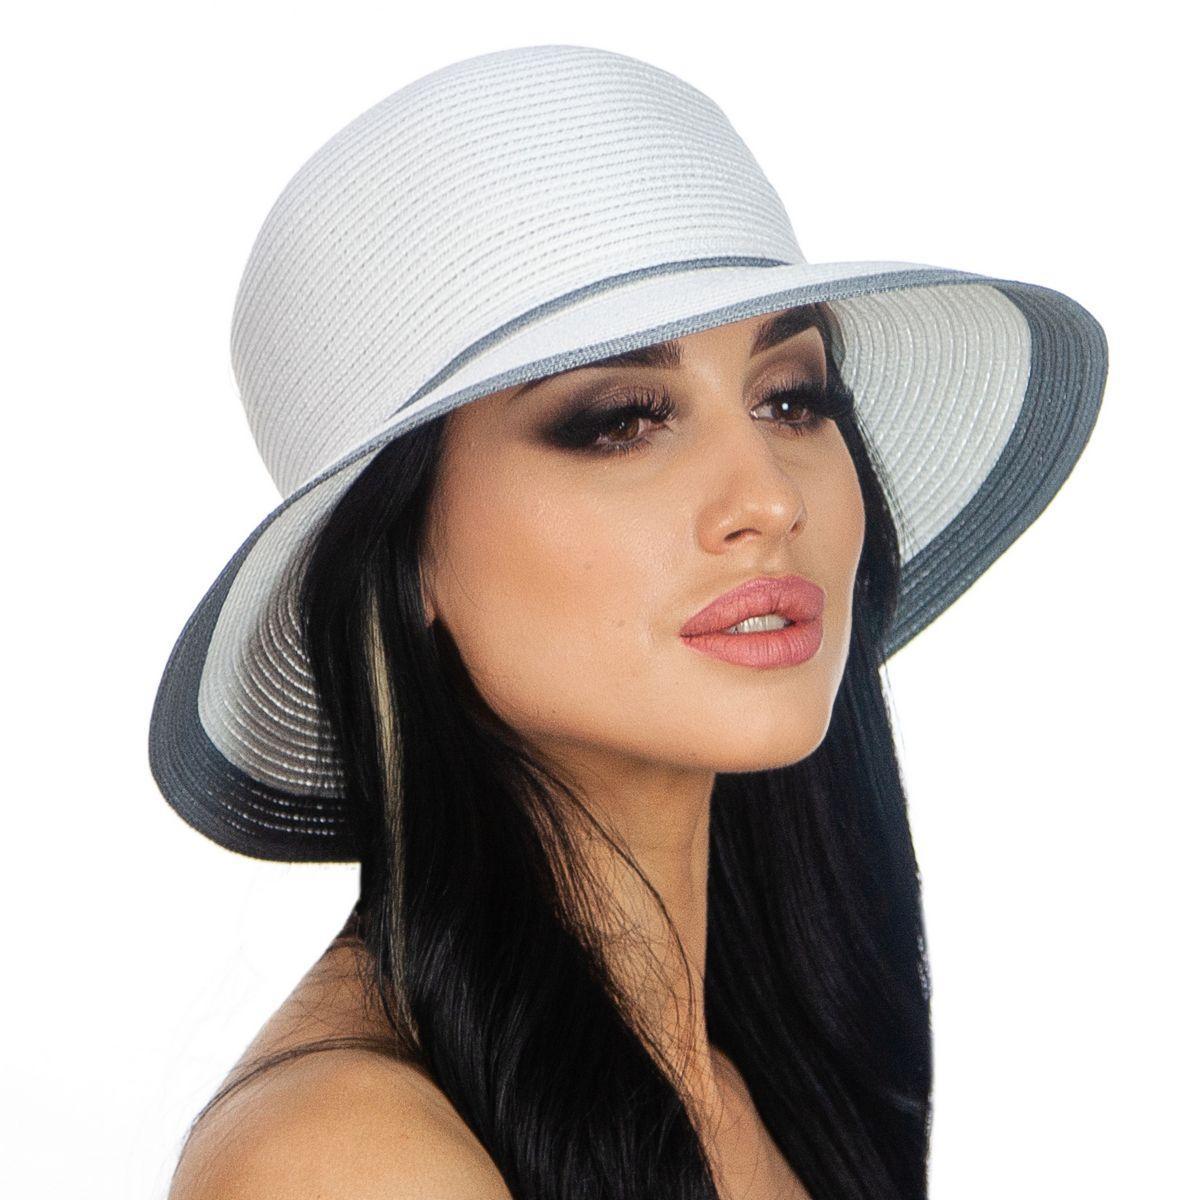 Жіноча літнє капелюх колір білий з сірим обідком